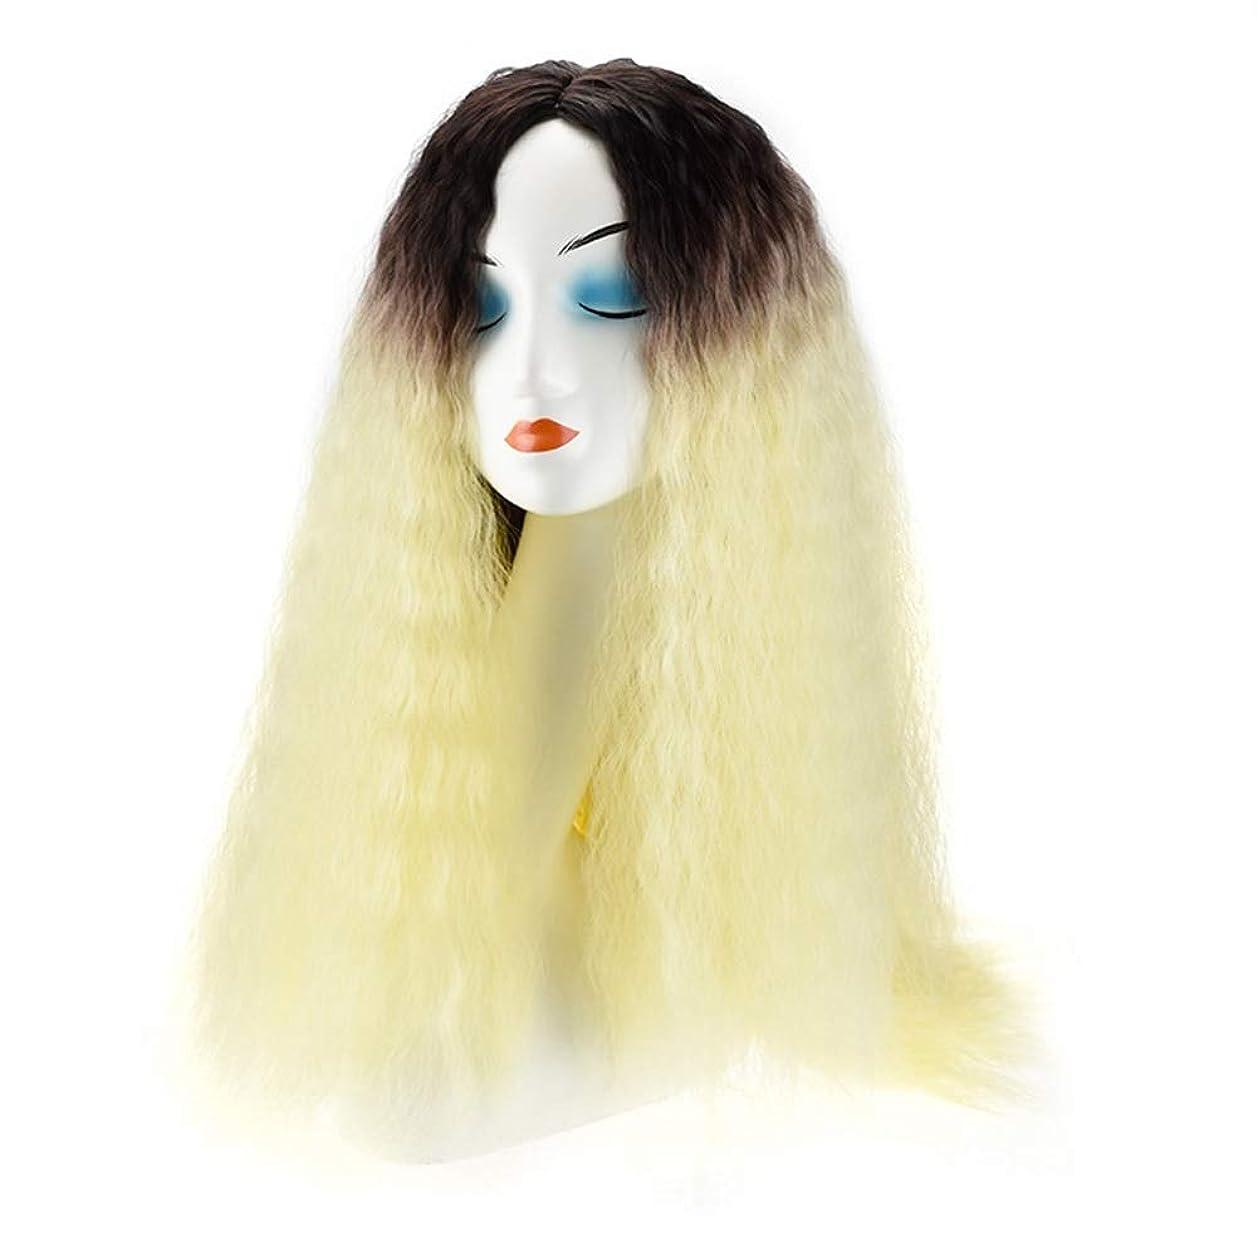 名前おびえた関係するYESONEEP 20インチブロンド変態ストレートコーンホットウィッグファッションビッグウェーブロングヘア人工毛用女性毎日のドレスパーティーかつら (色 : Blonde)